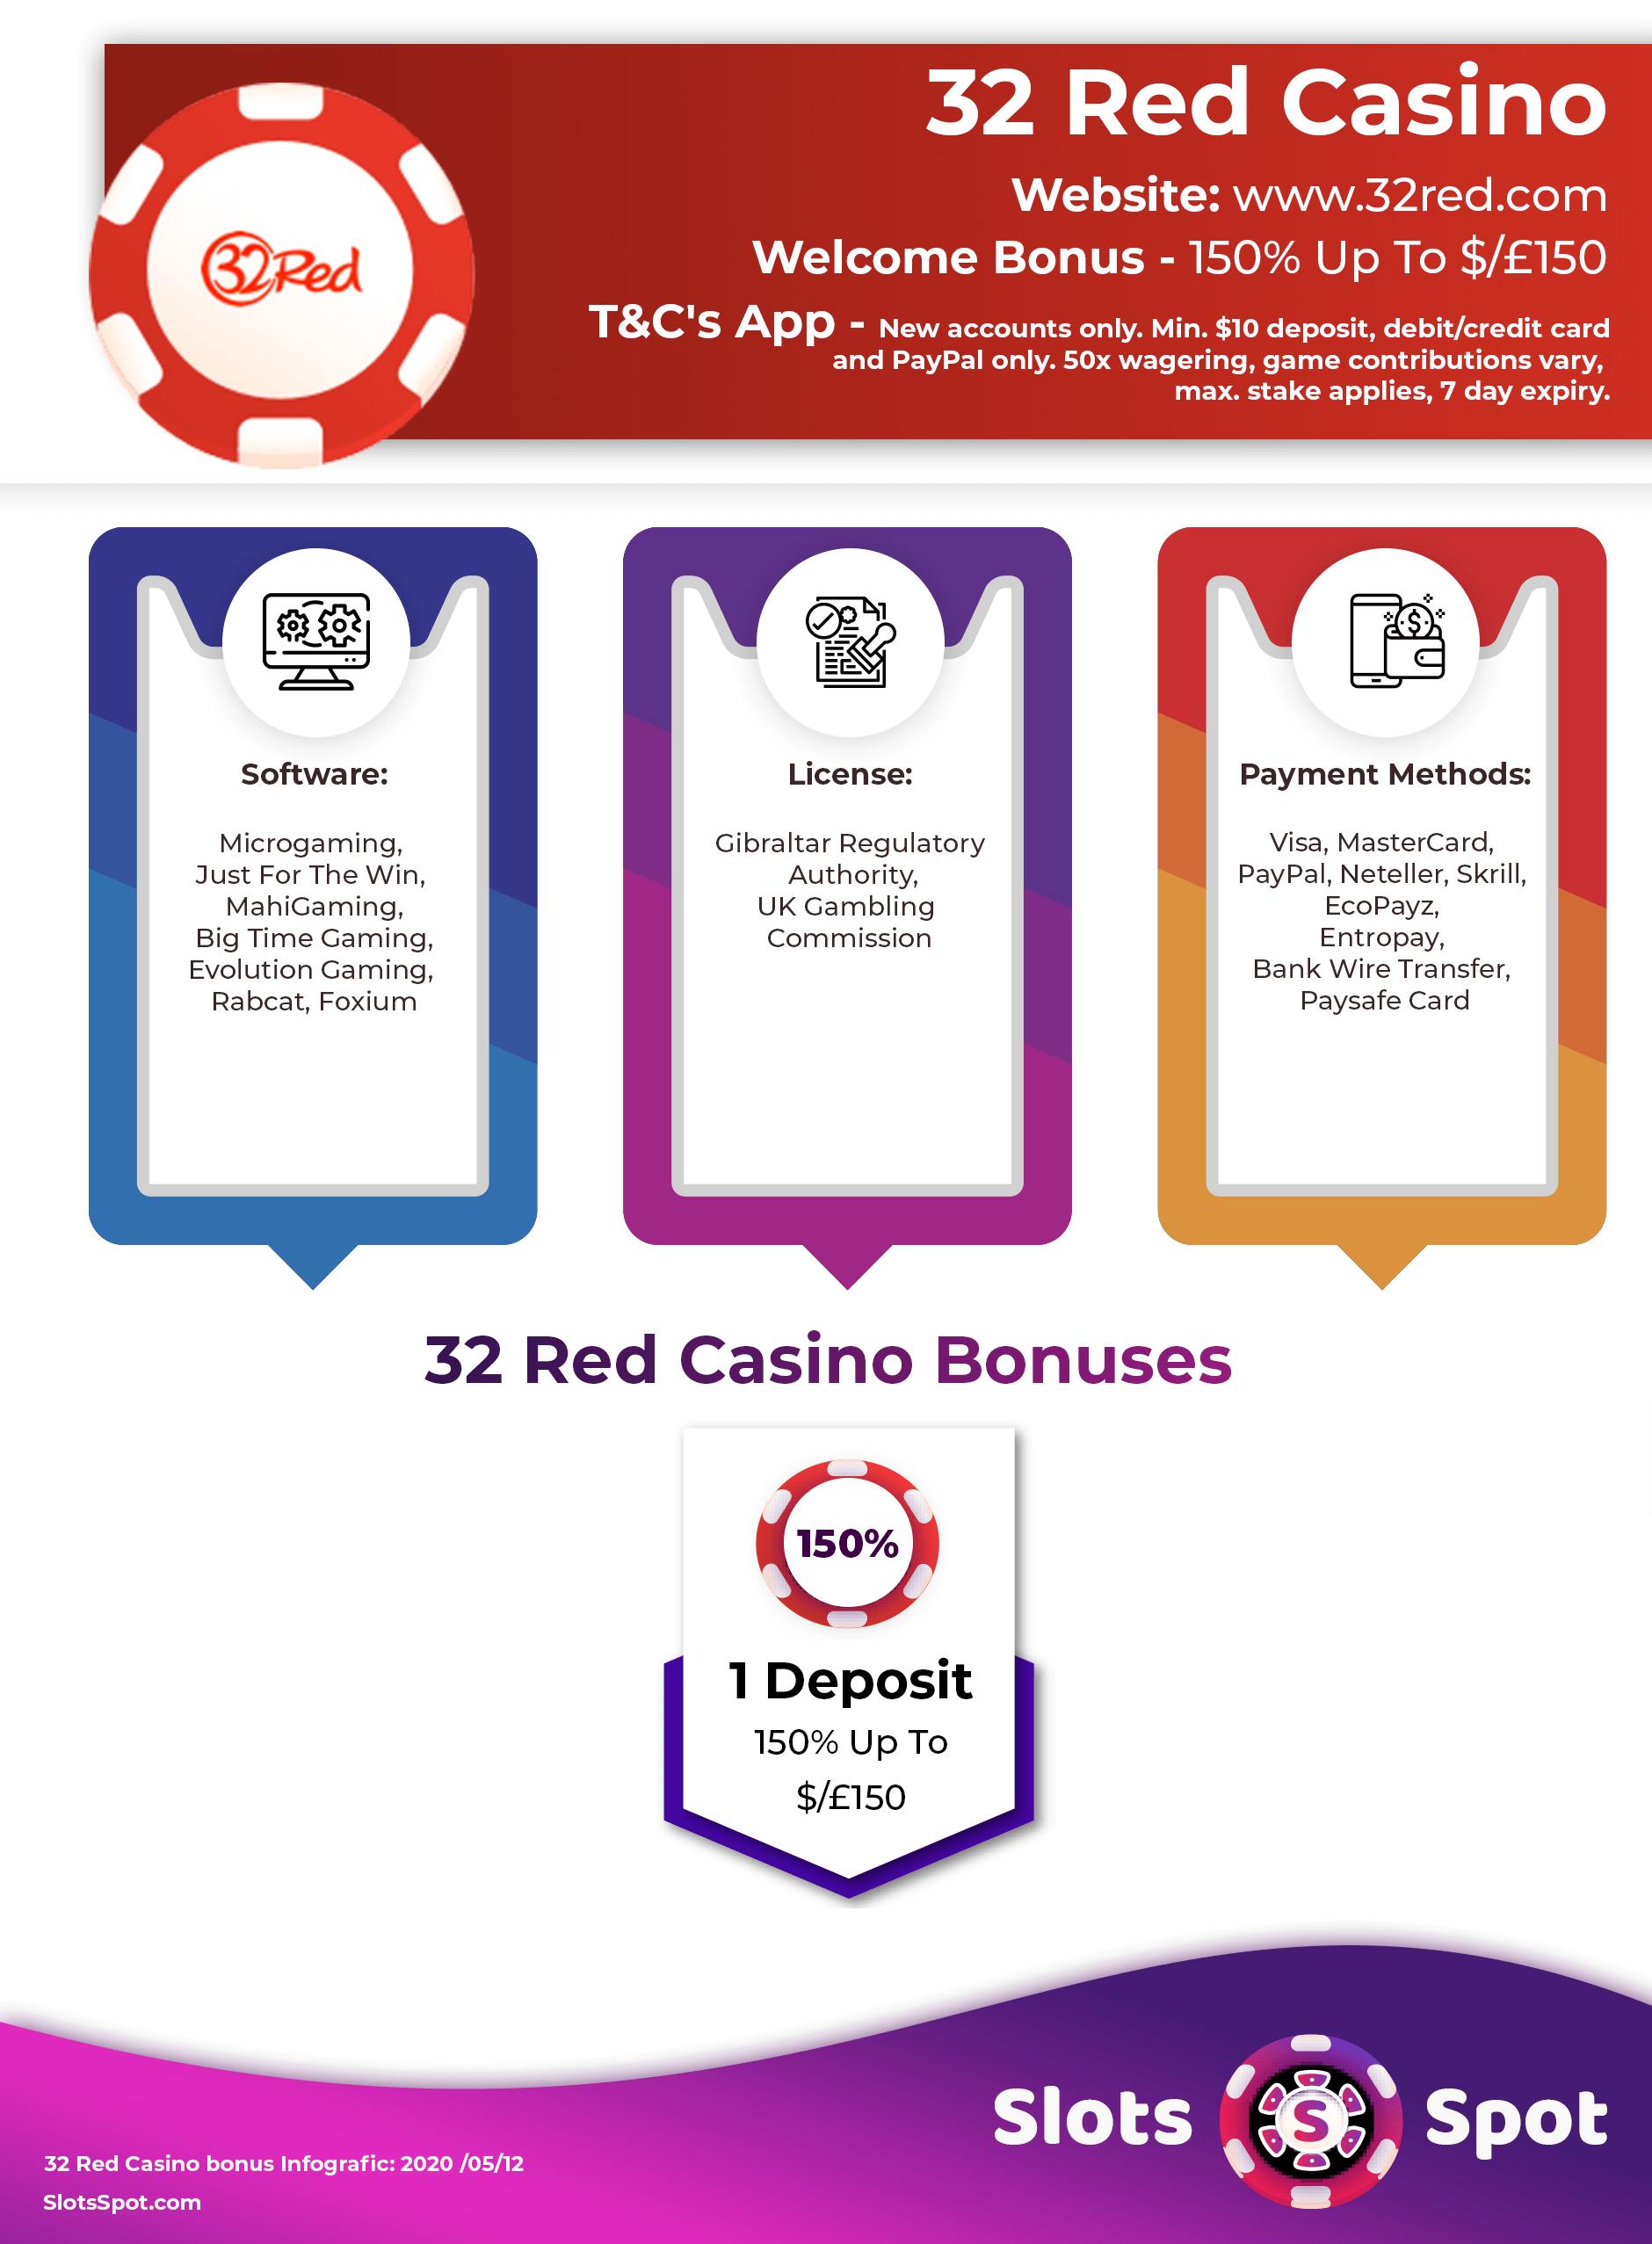 32 Red Casino No Deposit Bonus